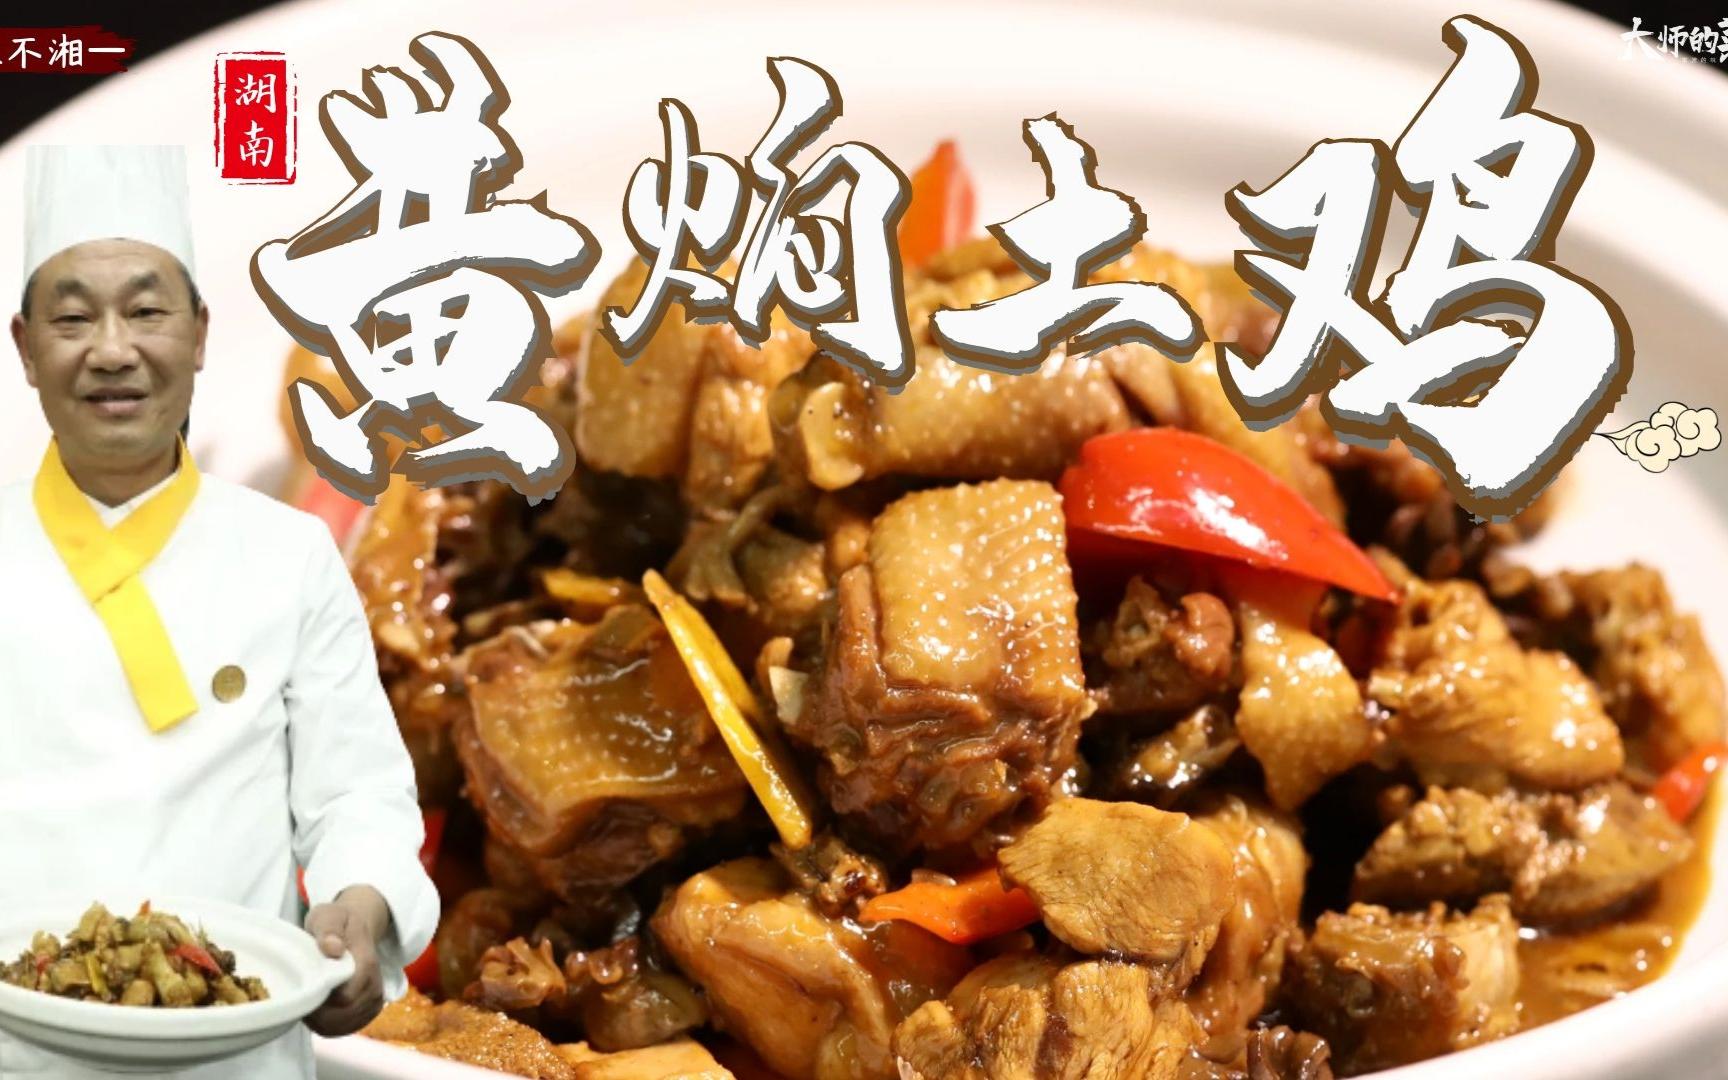 """【大师的菜·黄焖土鸡】湘菜大师教你做一道汤汁醇厚的""""黄焖鸡"""",味厚肉嫩!"""